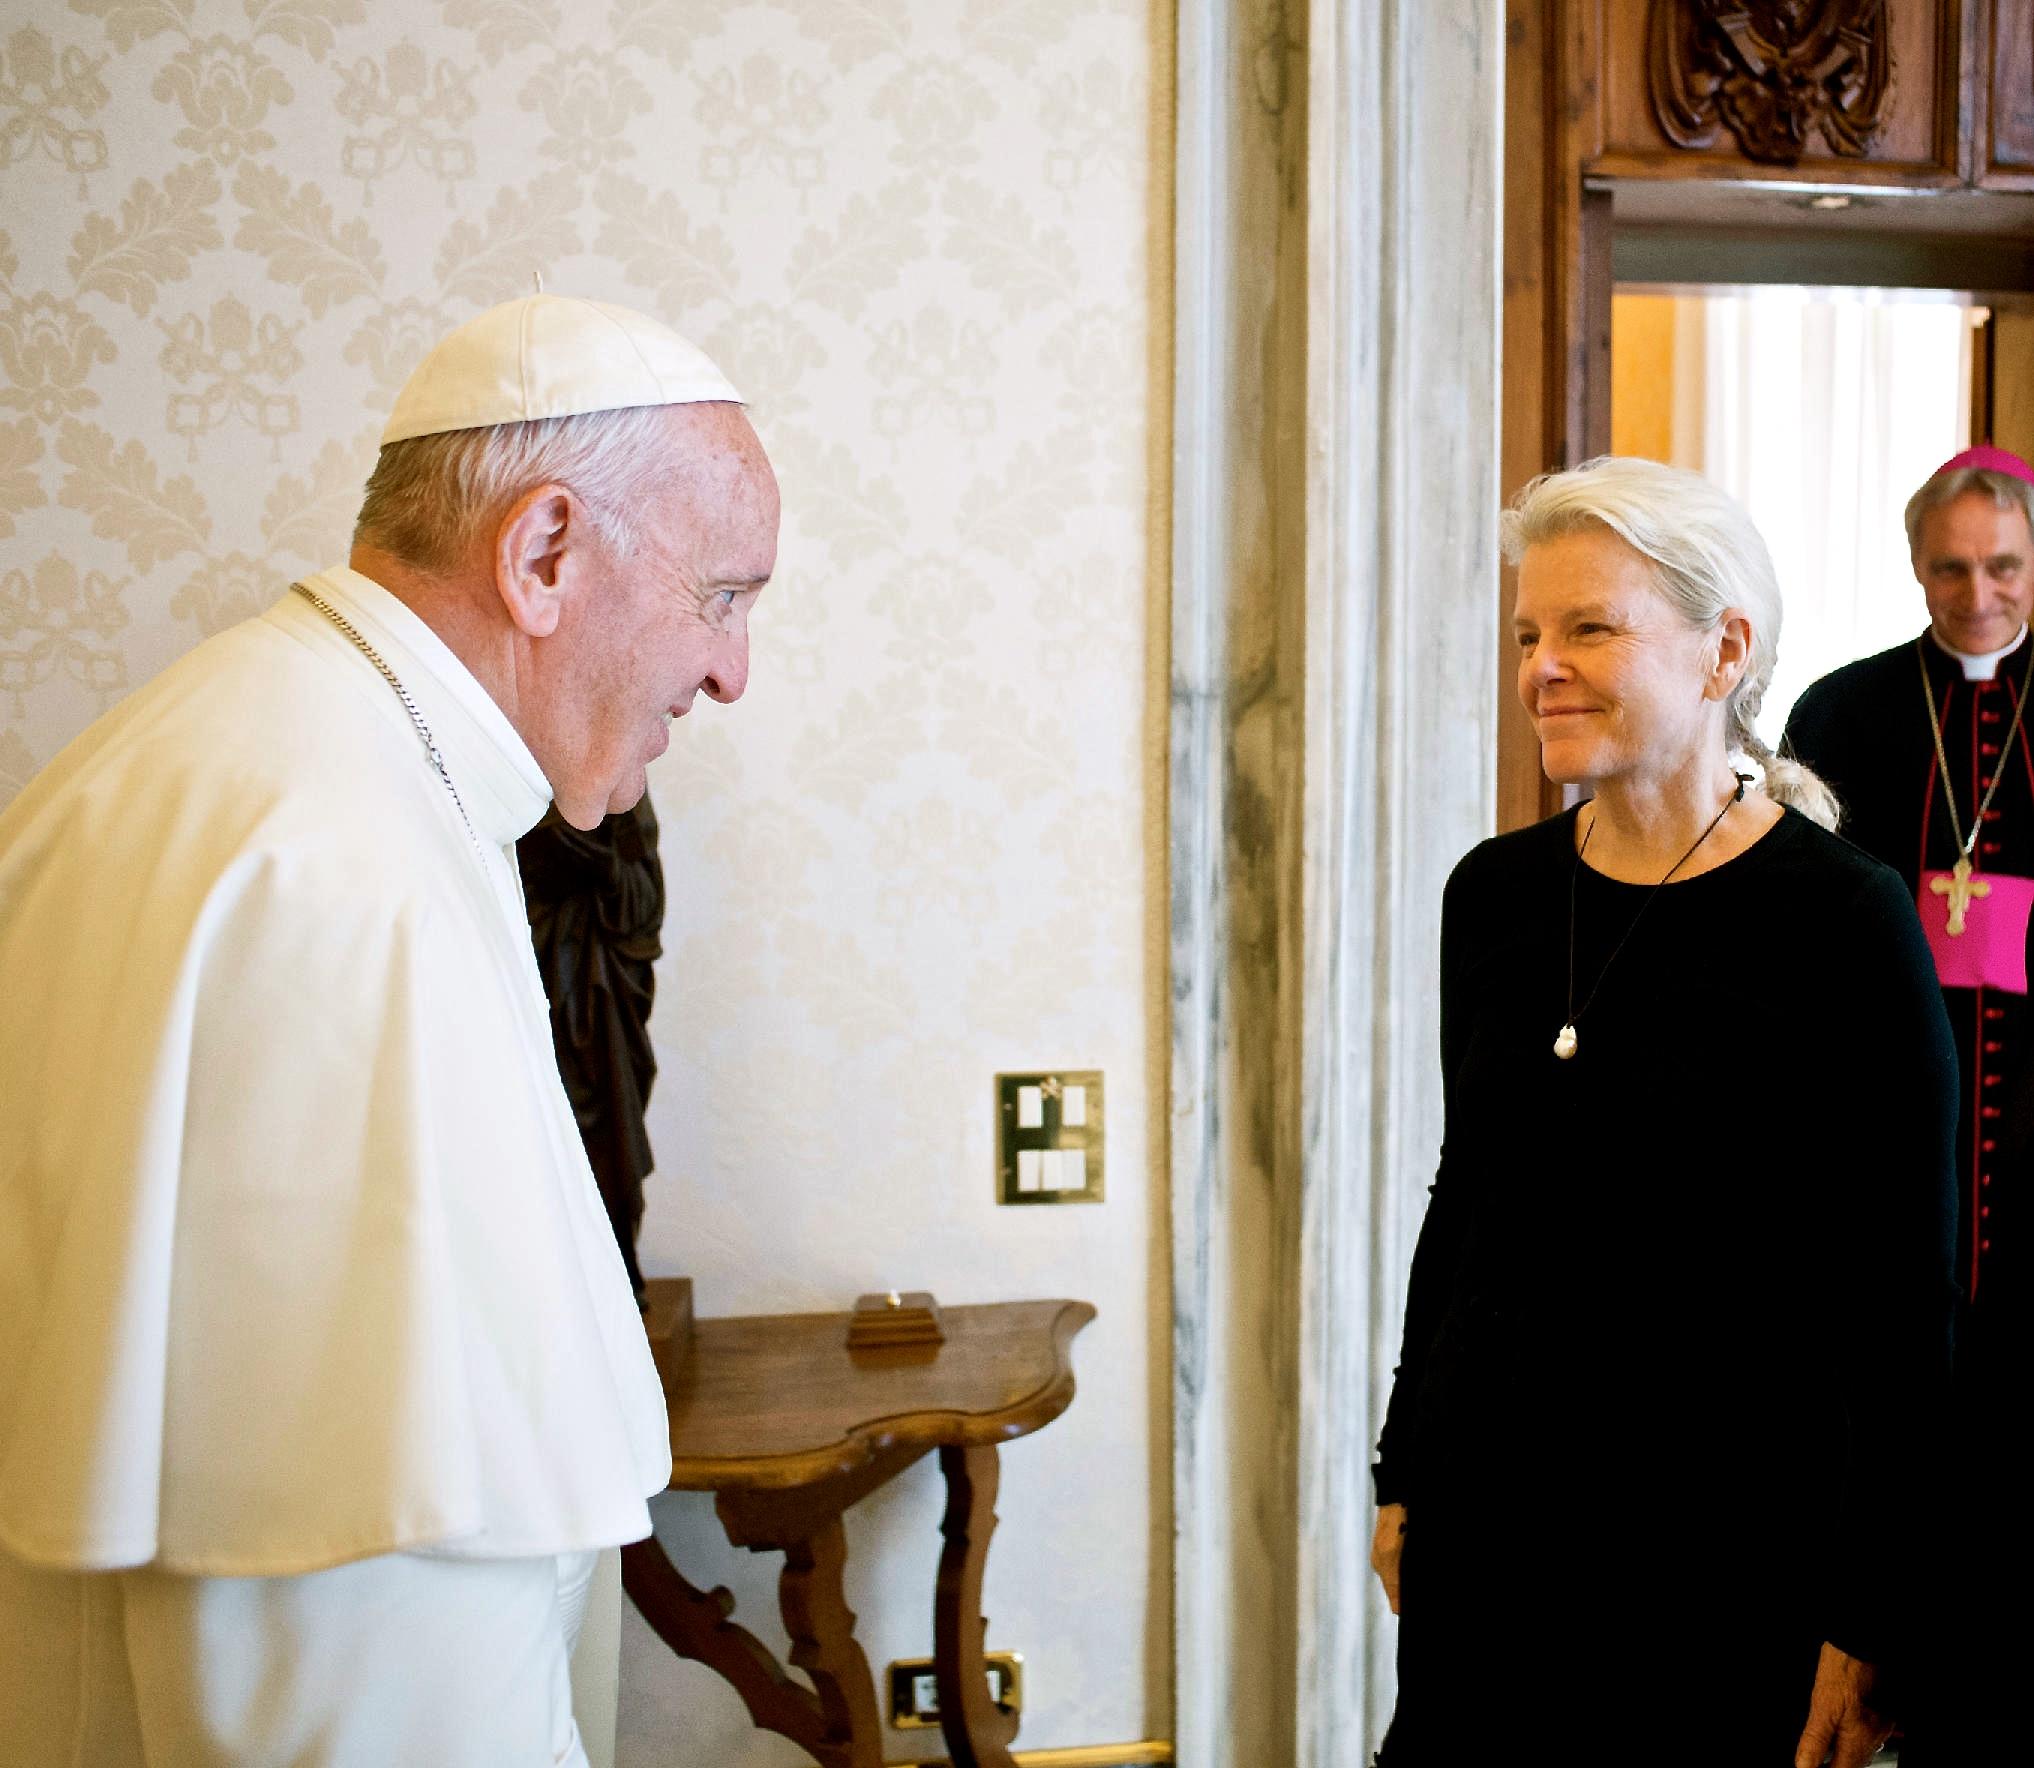 Kristine McDivitt Tompkins fue invitada a una audiencia privada con el Papa Francisco